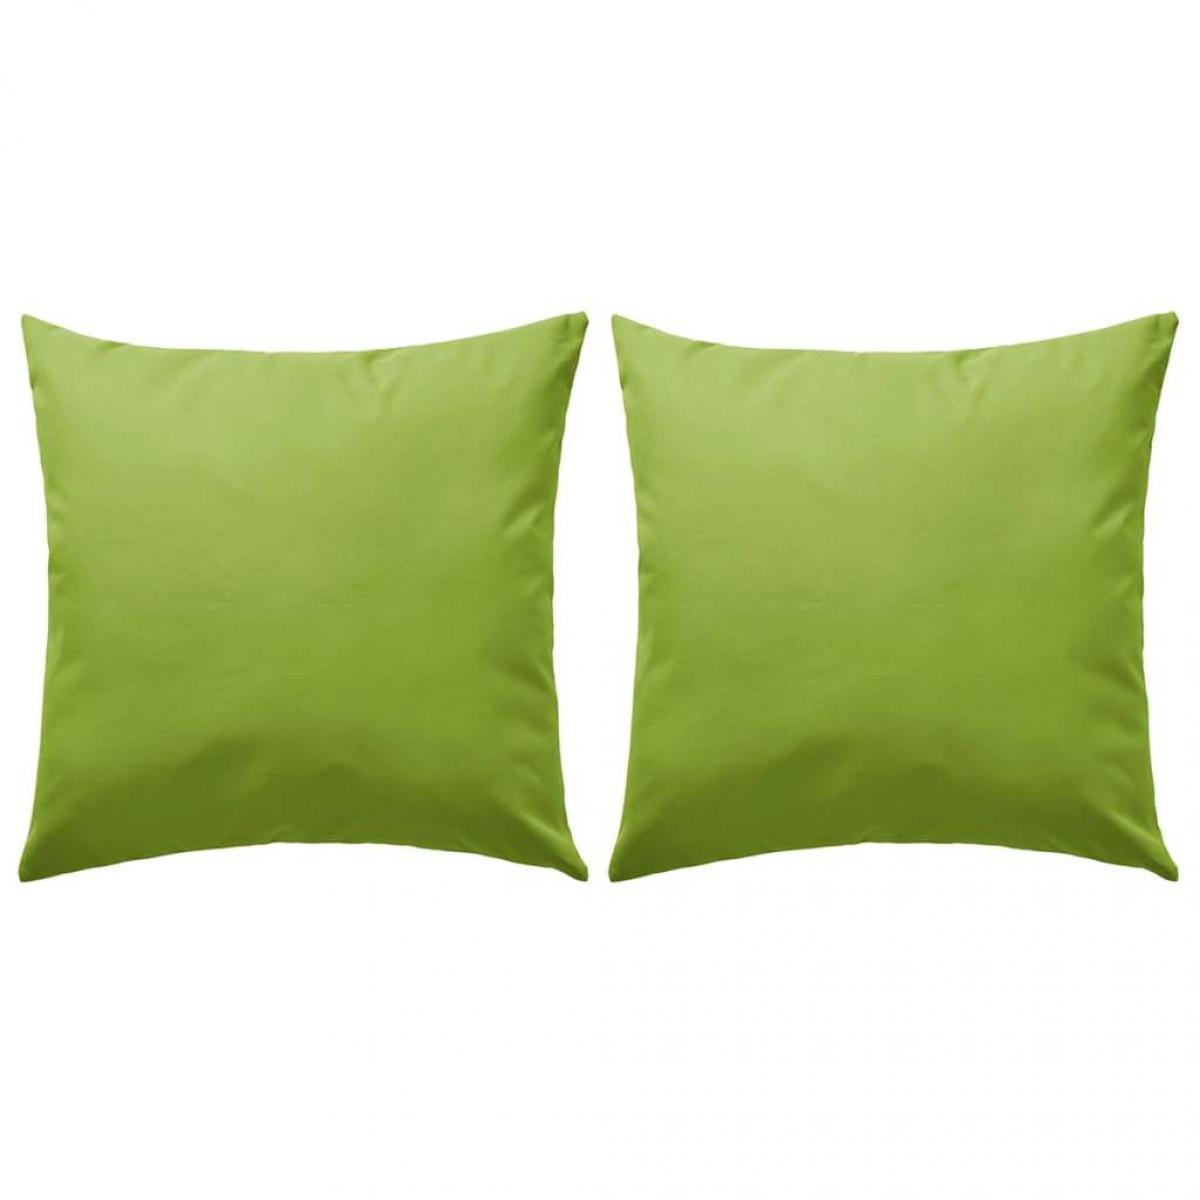 Decoshop26 lot de 2 coussins de jardin 100% polyester 60 x 60 cm vert pomme DEC021213